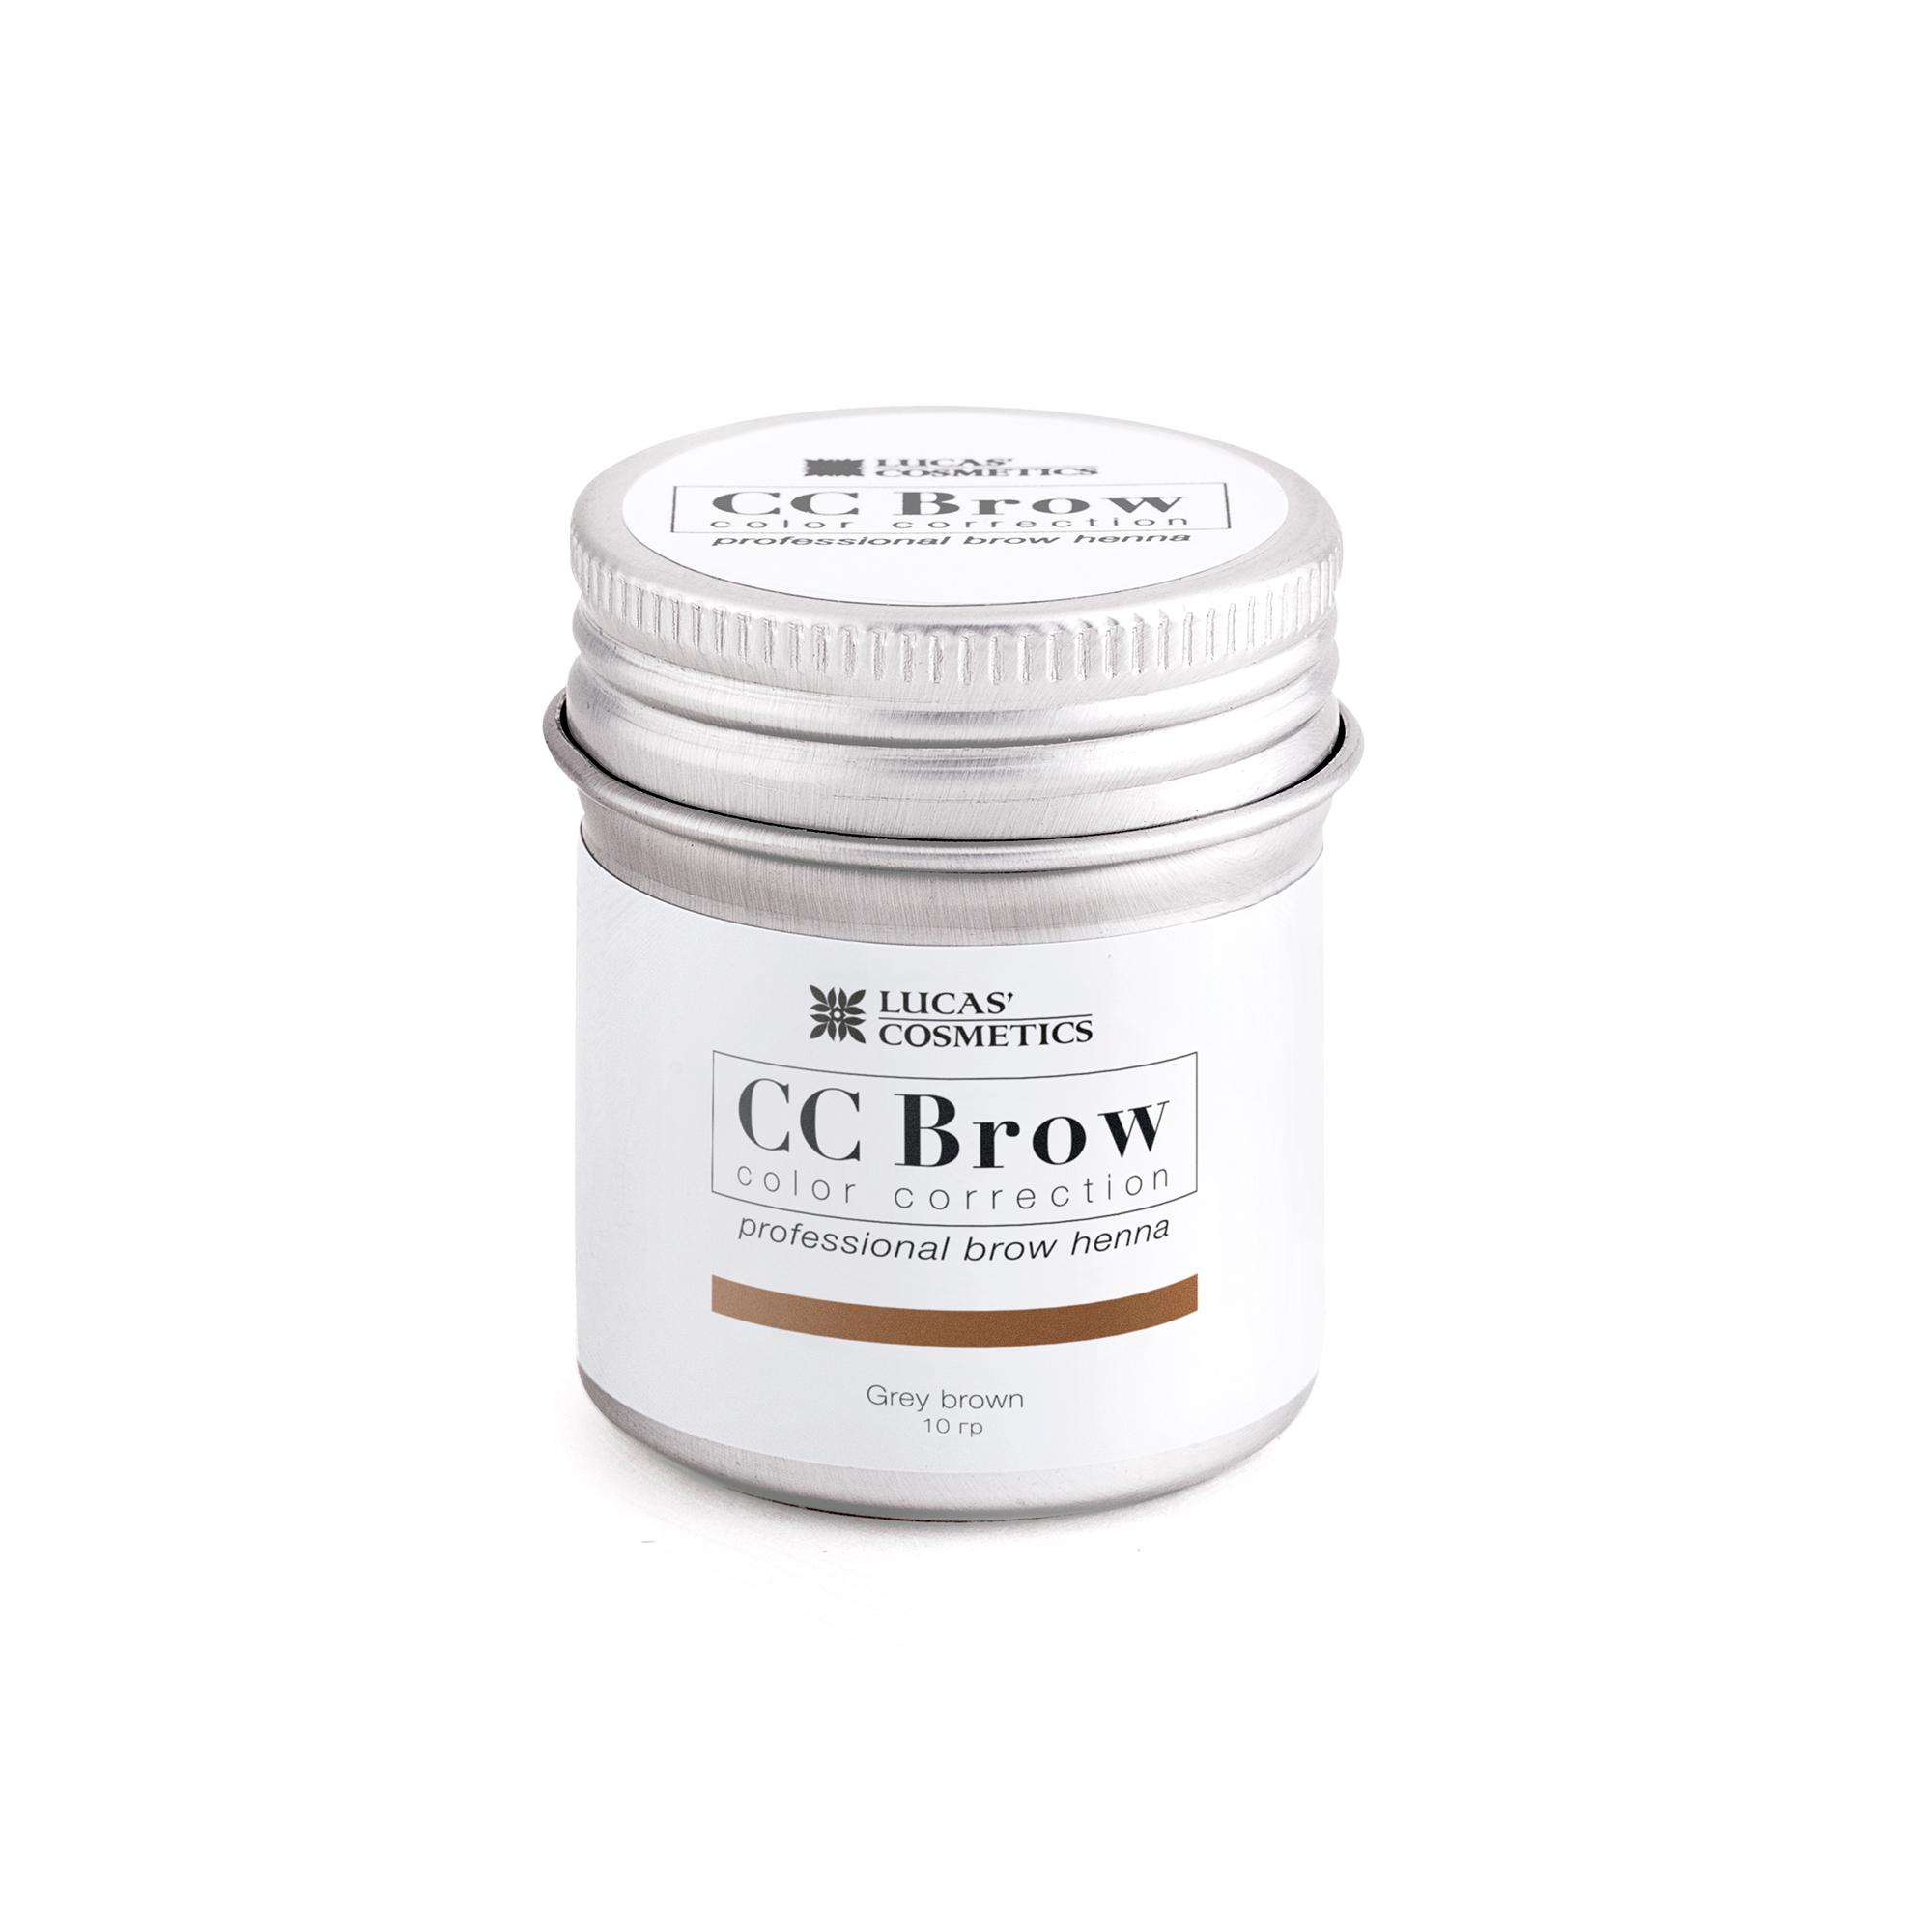 LUCAS' COSMETICS Хна для бровей в баночке (серо-коричневый) / CC Brow (grey brown), 10 гр